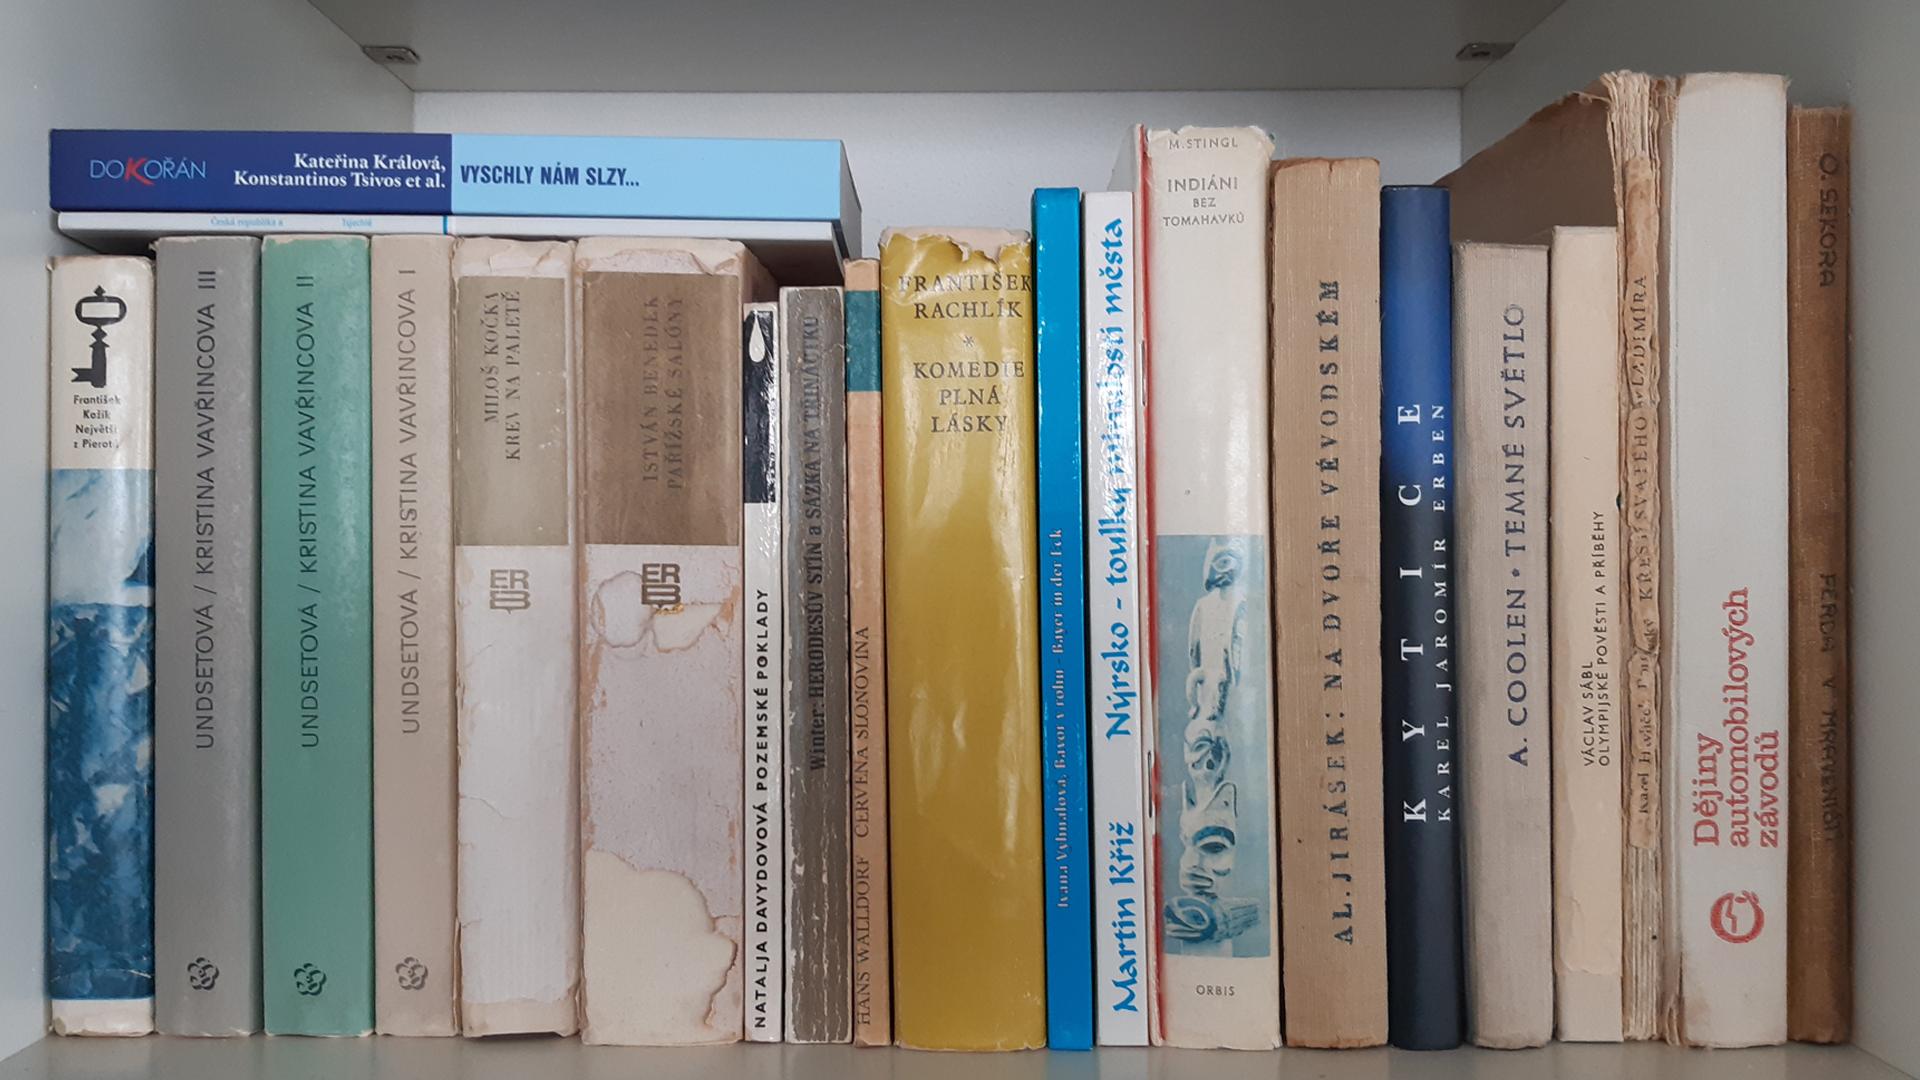 06_Boeken